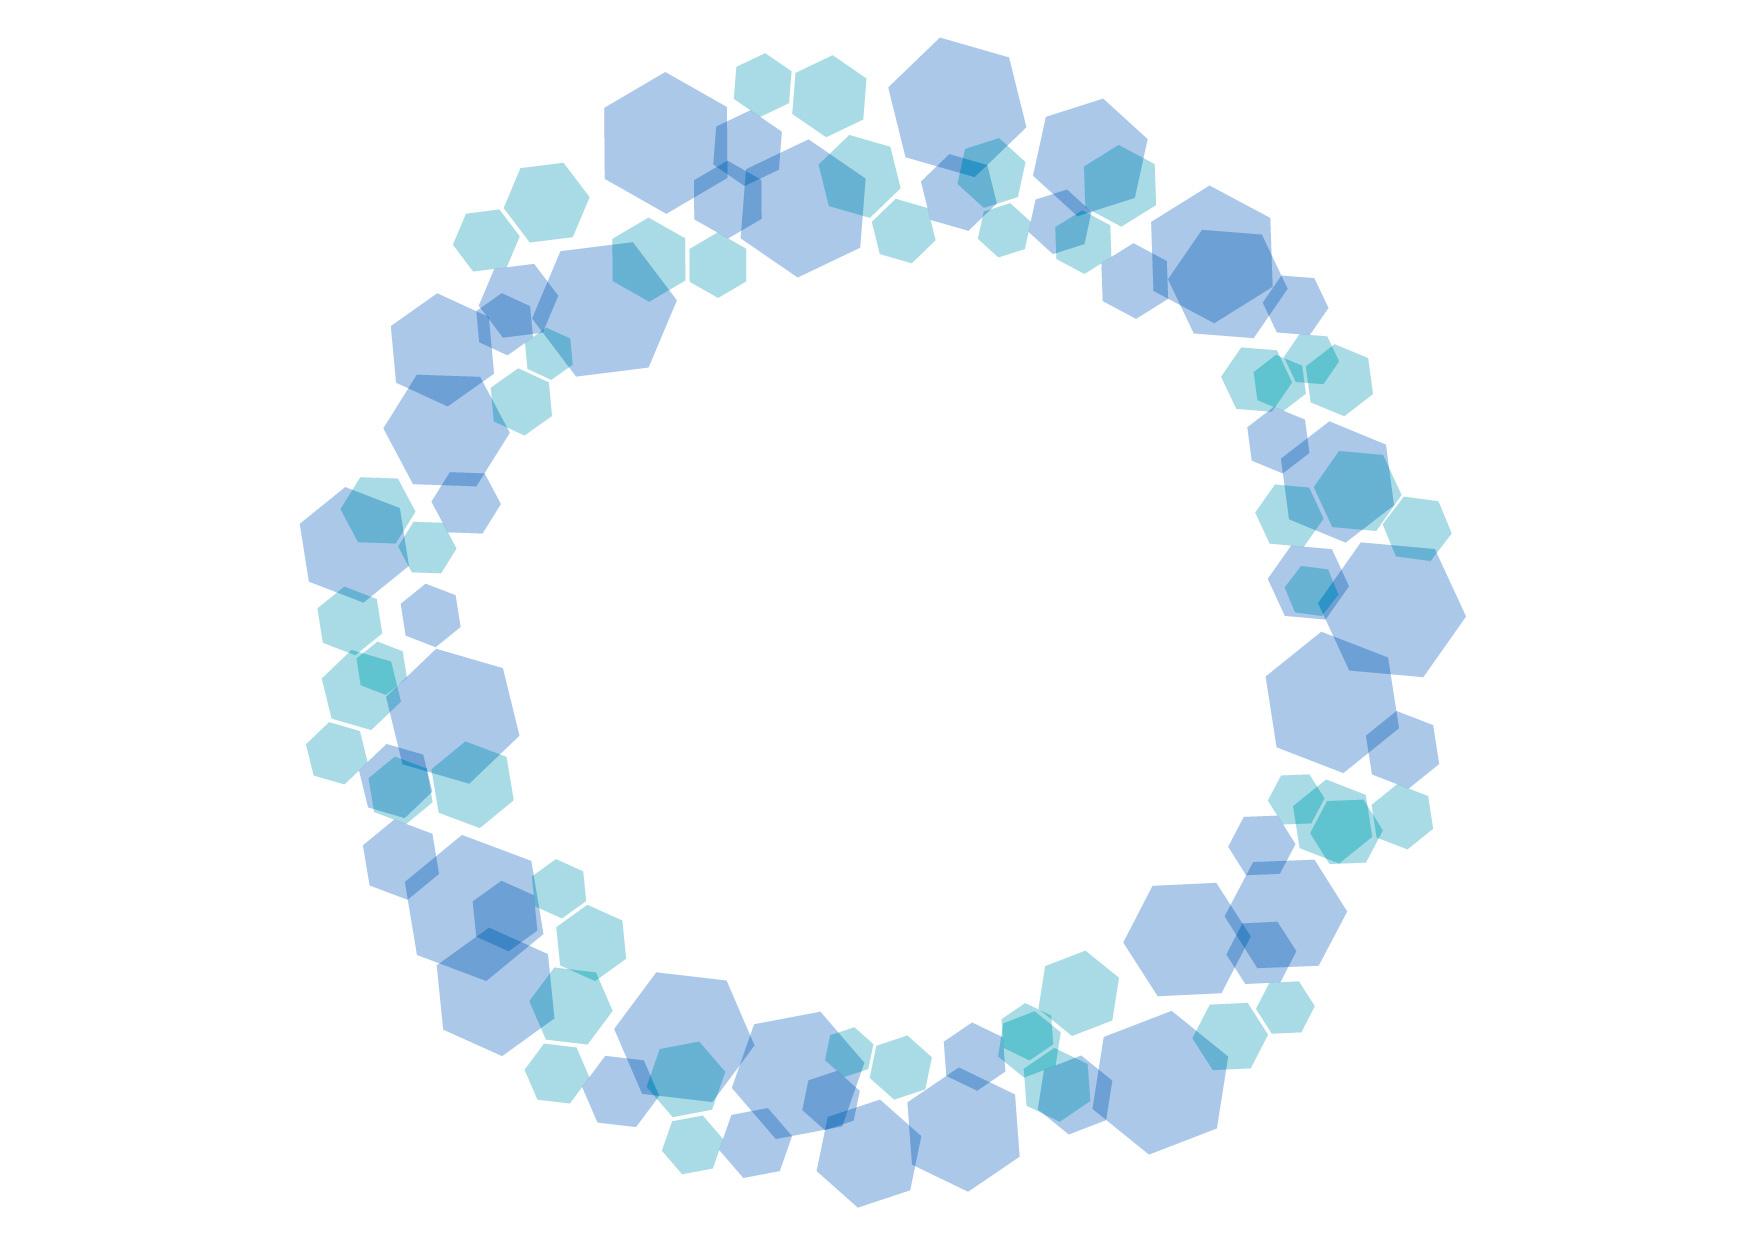 可愛いイラスト無料|六角形 キラキラ フレーム 水色 − free illustration Hexagonal glitter frame light blue